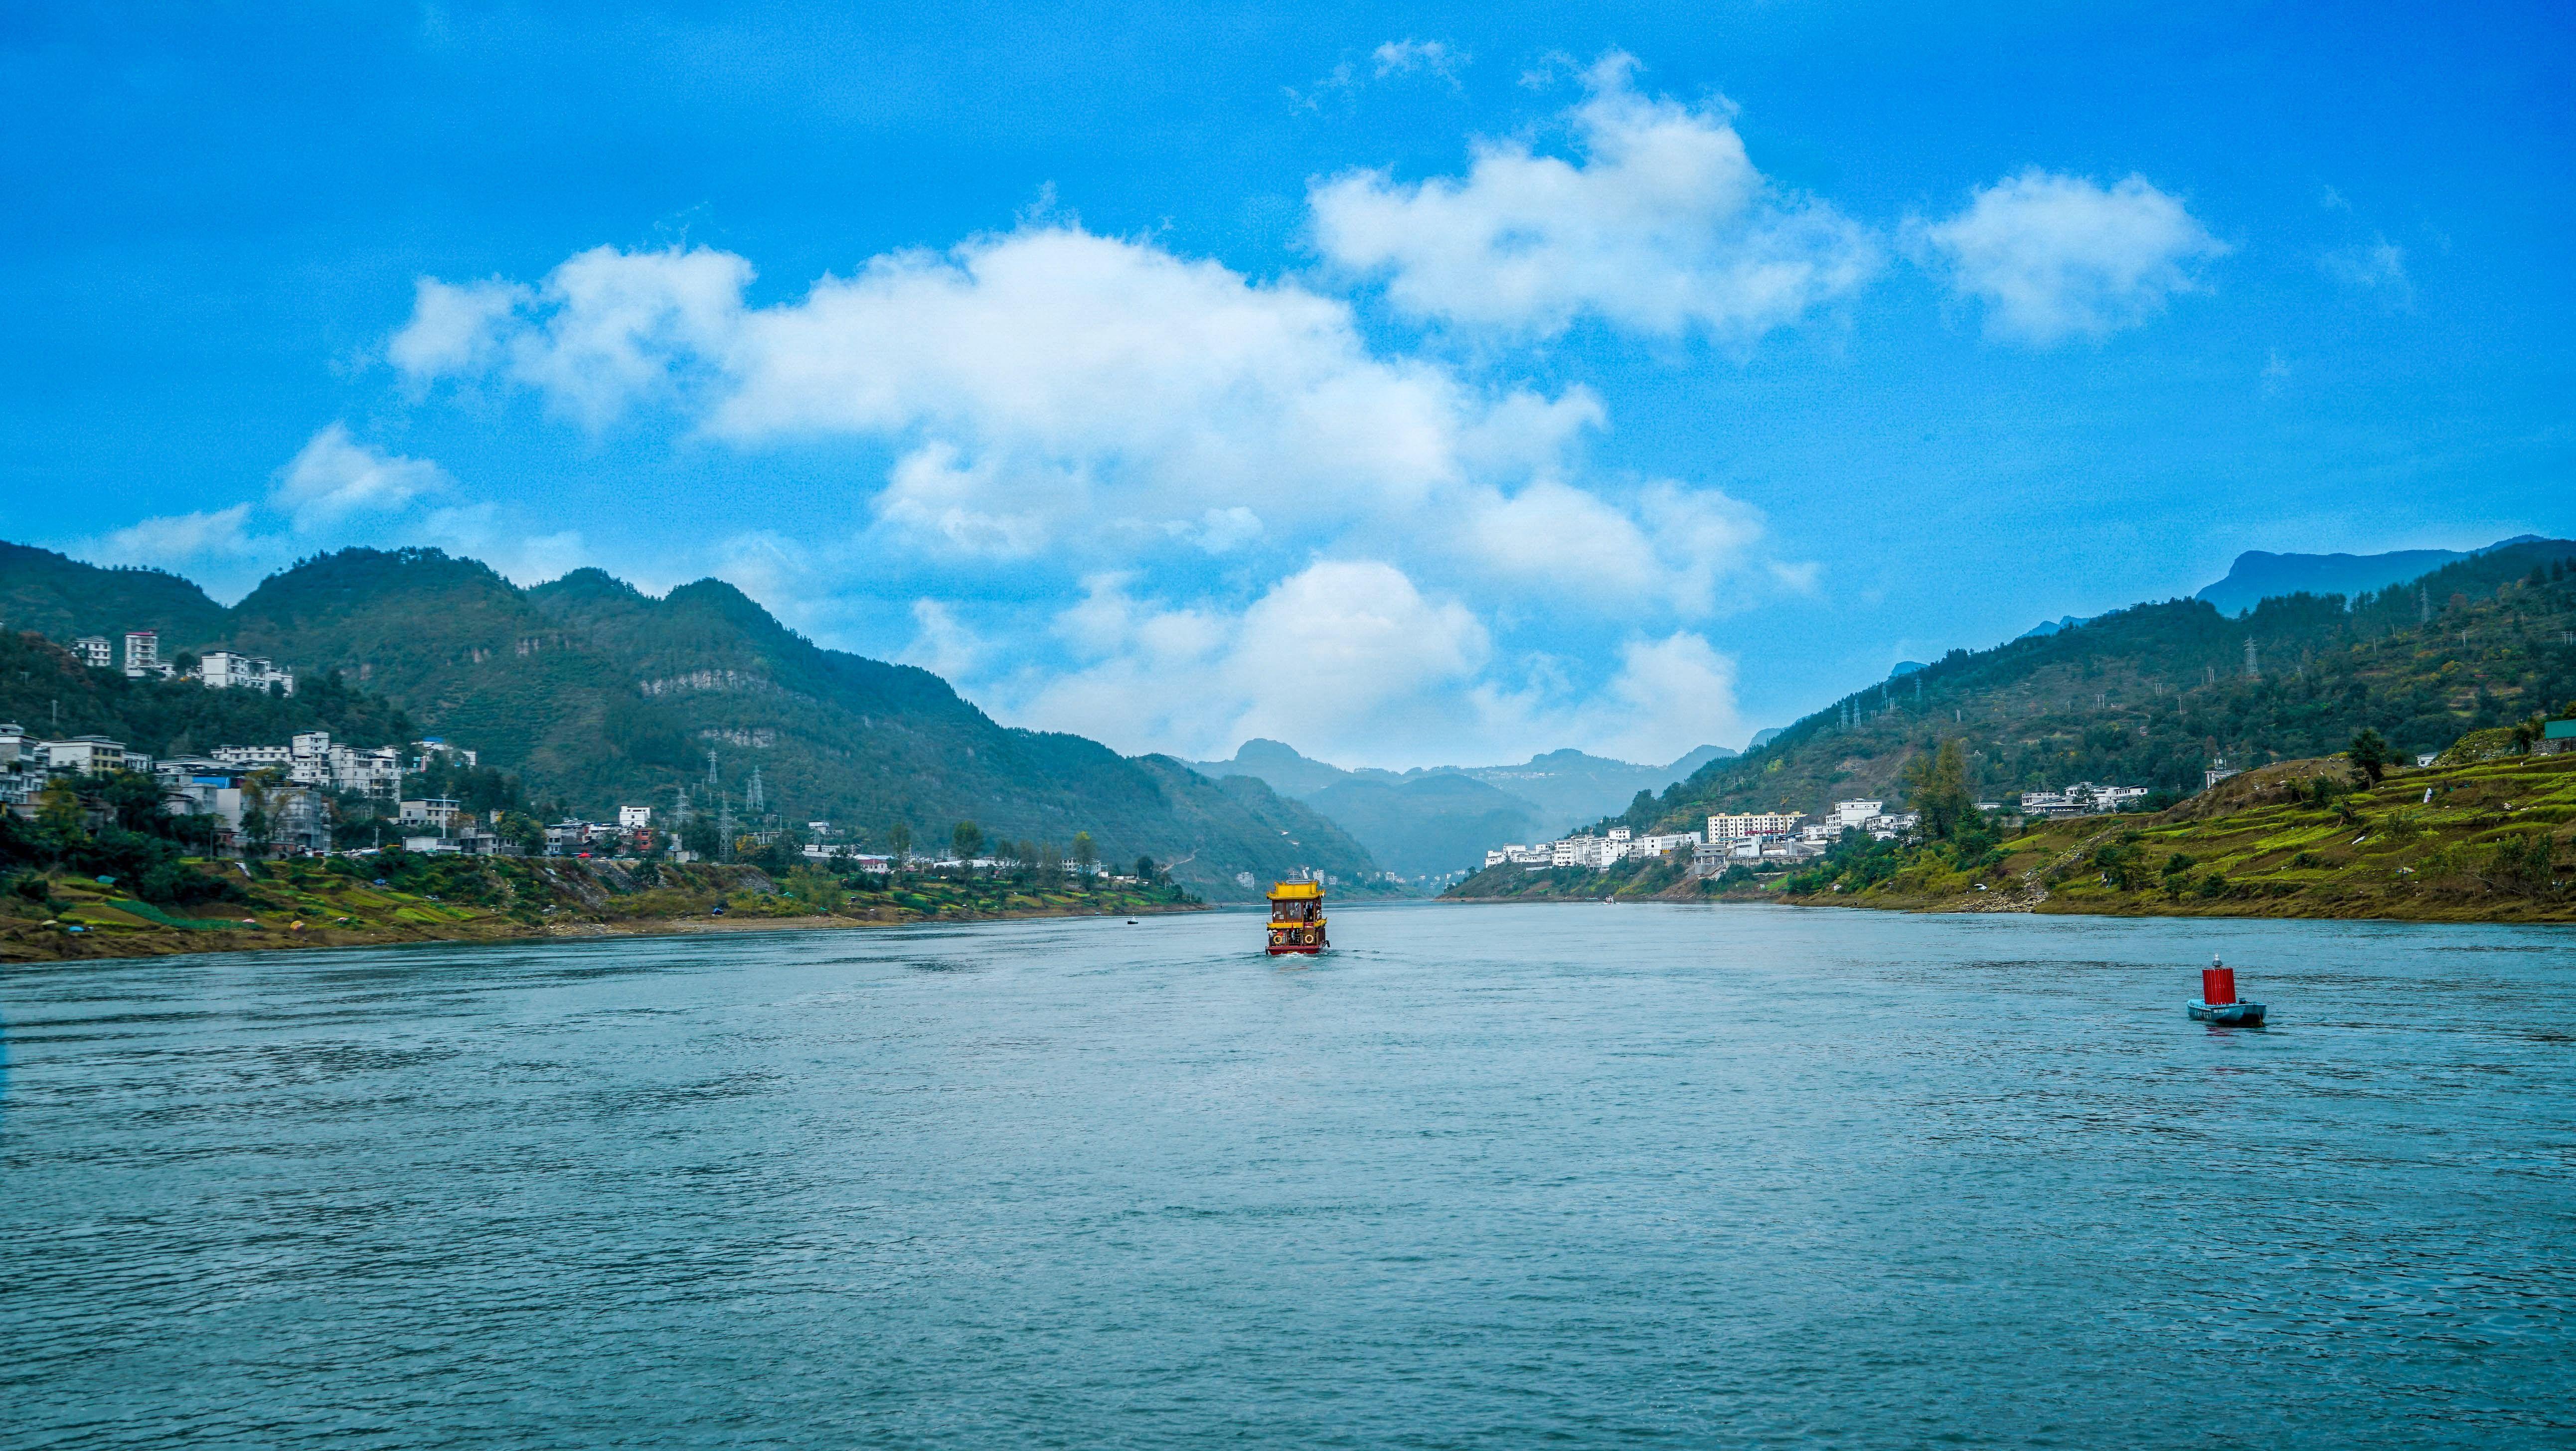 探秘橫跨黔渝兩省的長江上游南岸最大支流,是如何震懾人心呢?